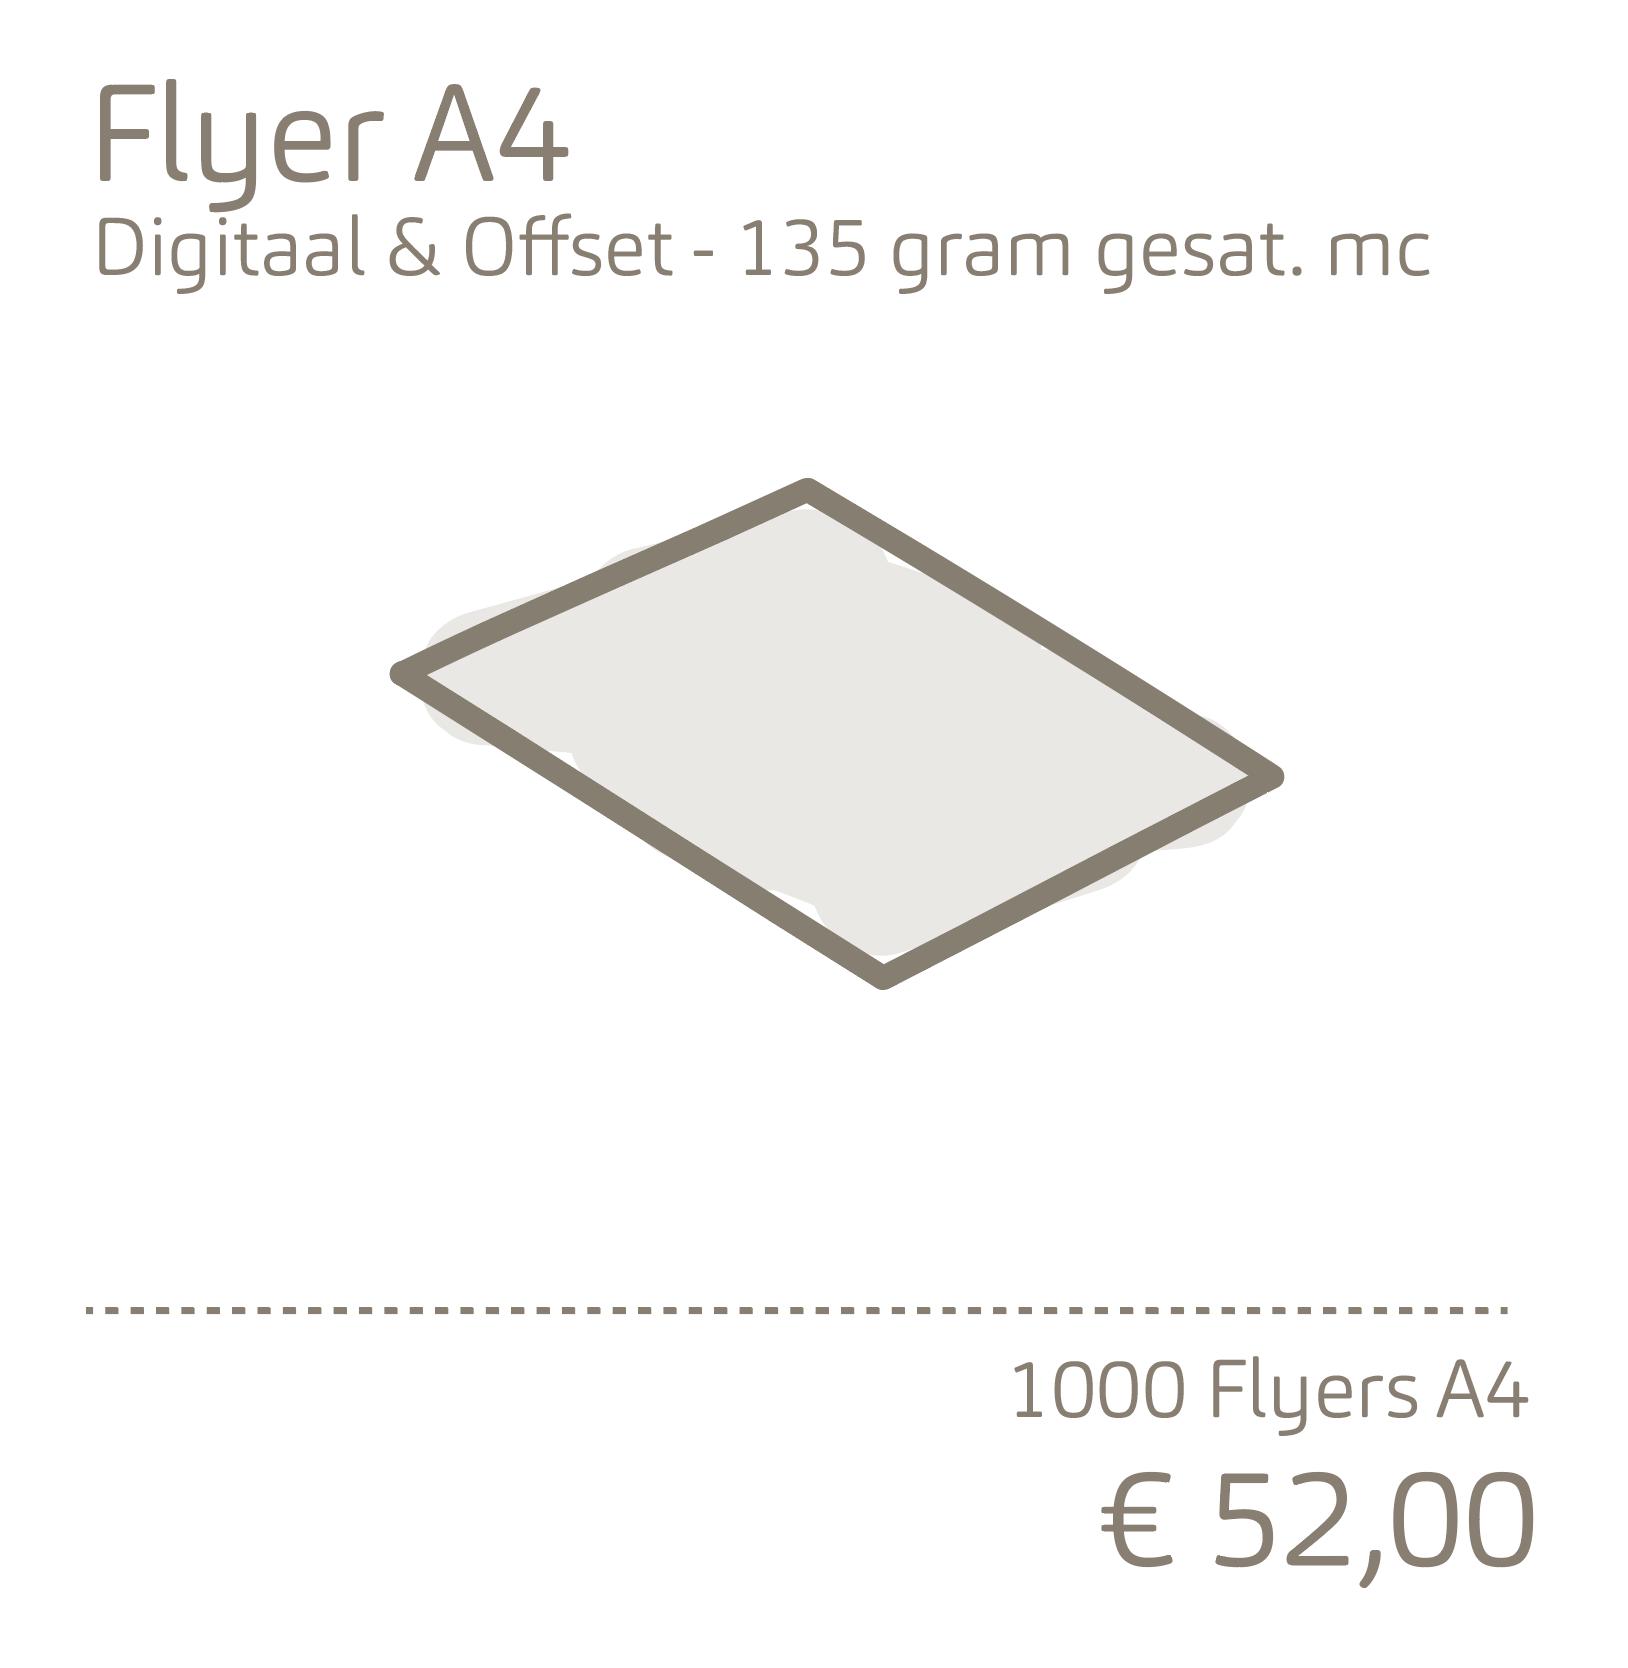 Flyer-A4